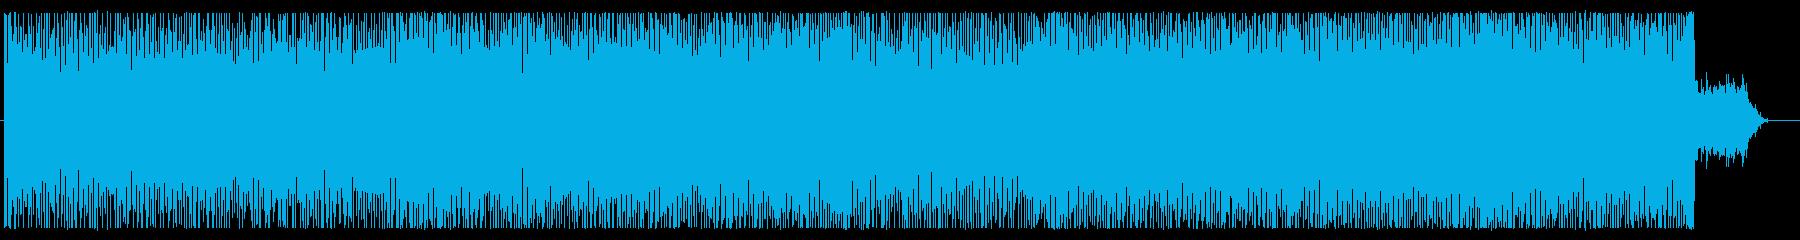 ダークで不気味なエレクトロ 劇伴、ゲームの再生済みの波形